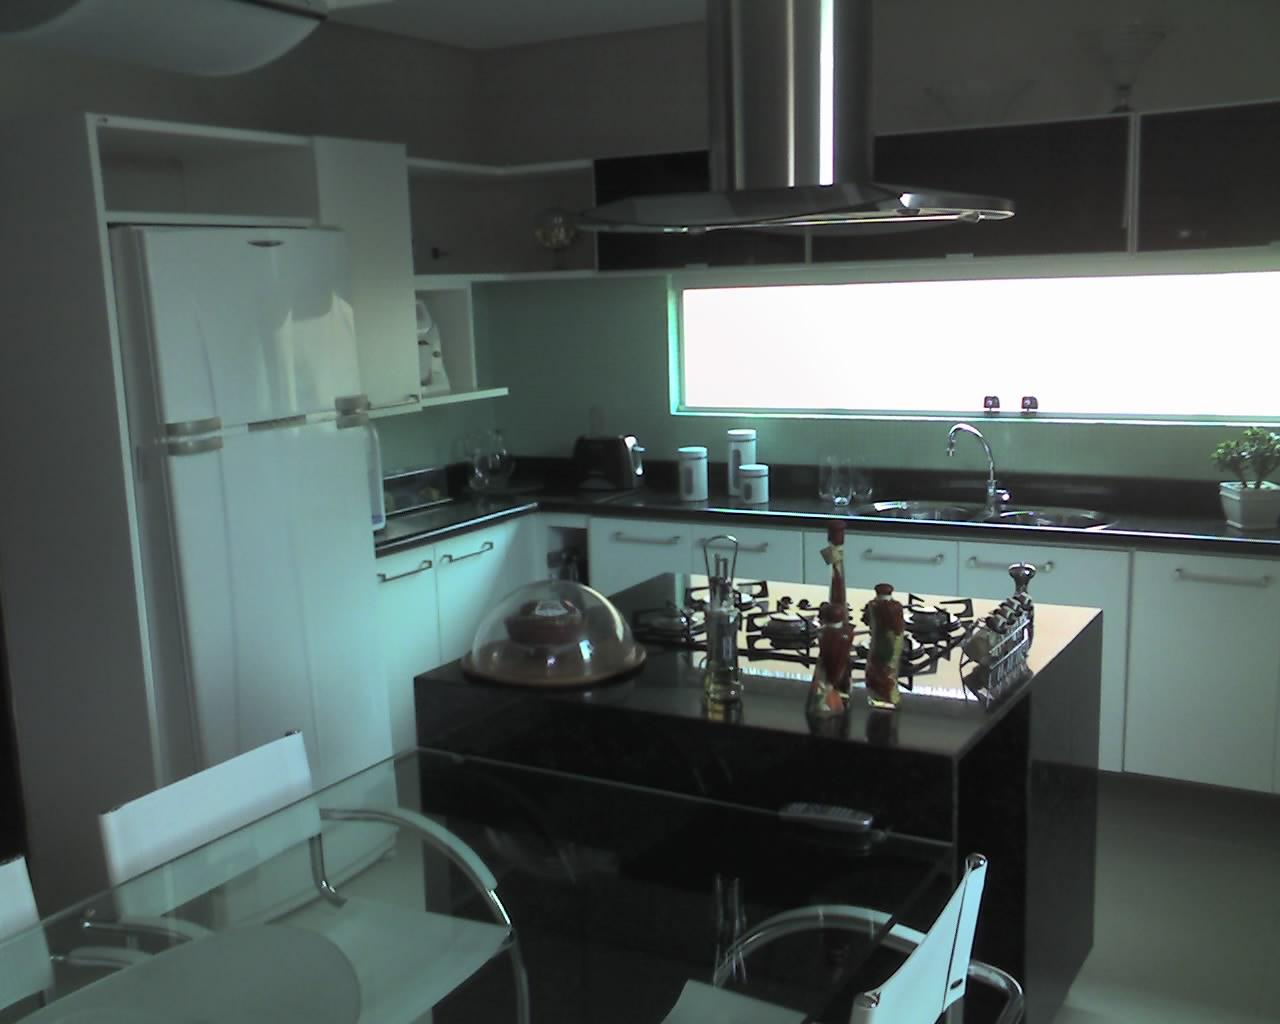 pela disposição da cozinha em U com com balcão em ilha de  #468285 1280 1024